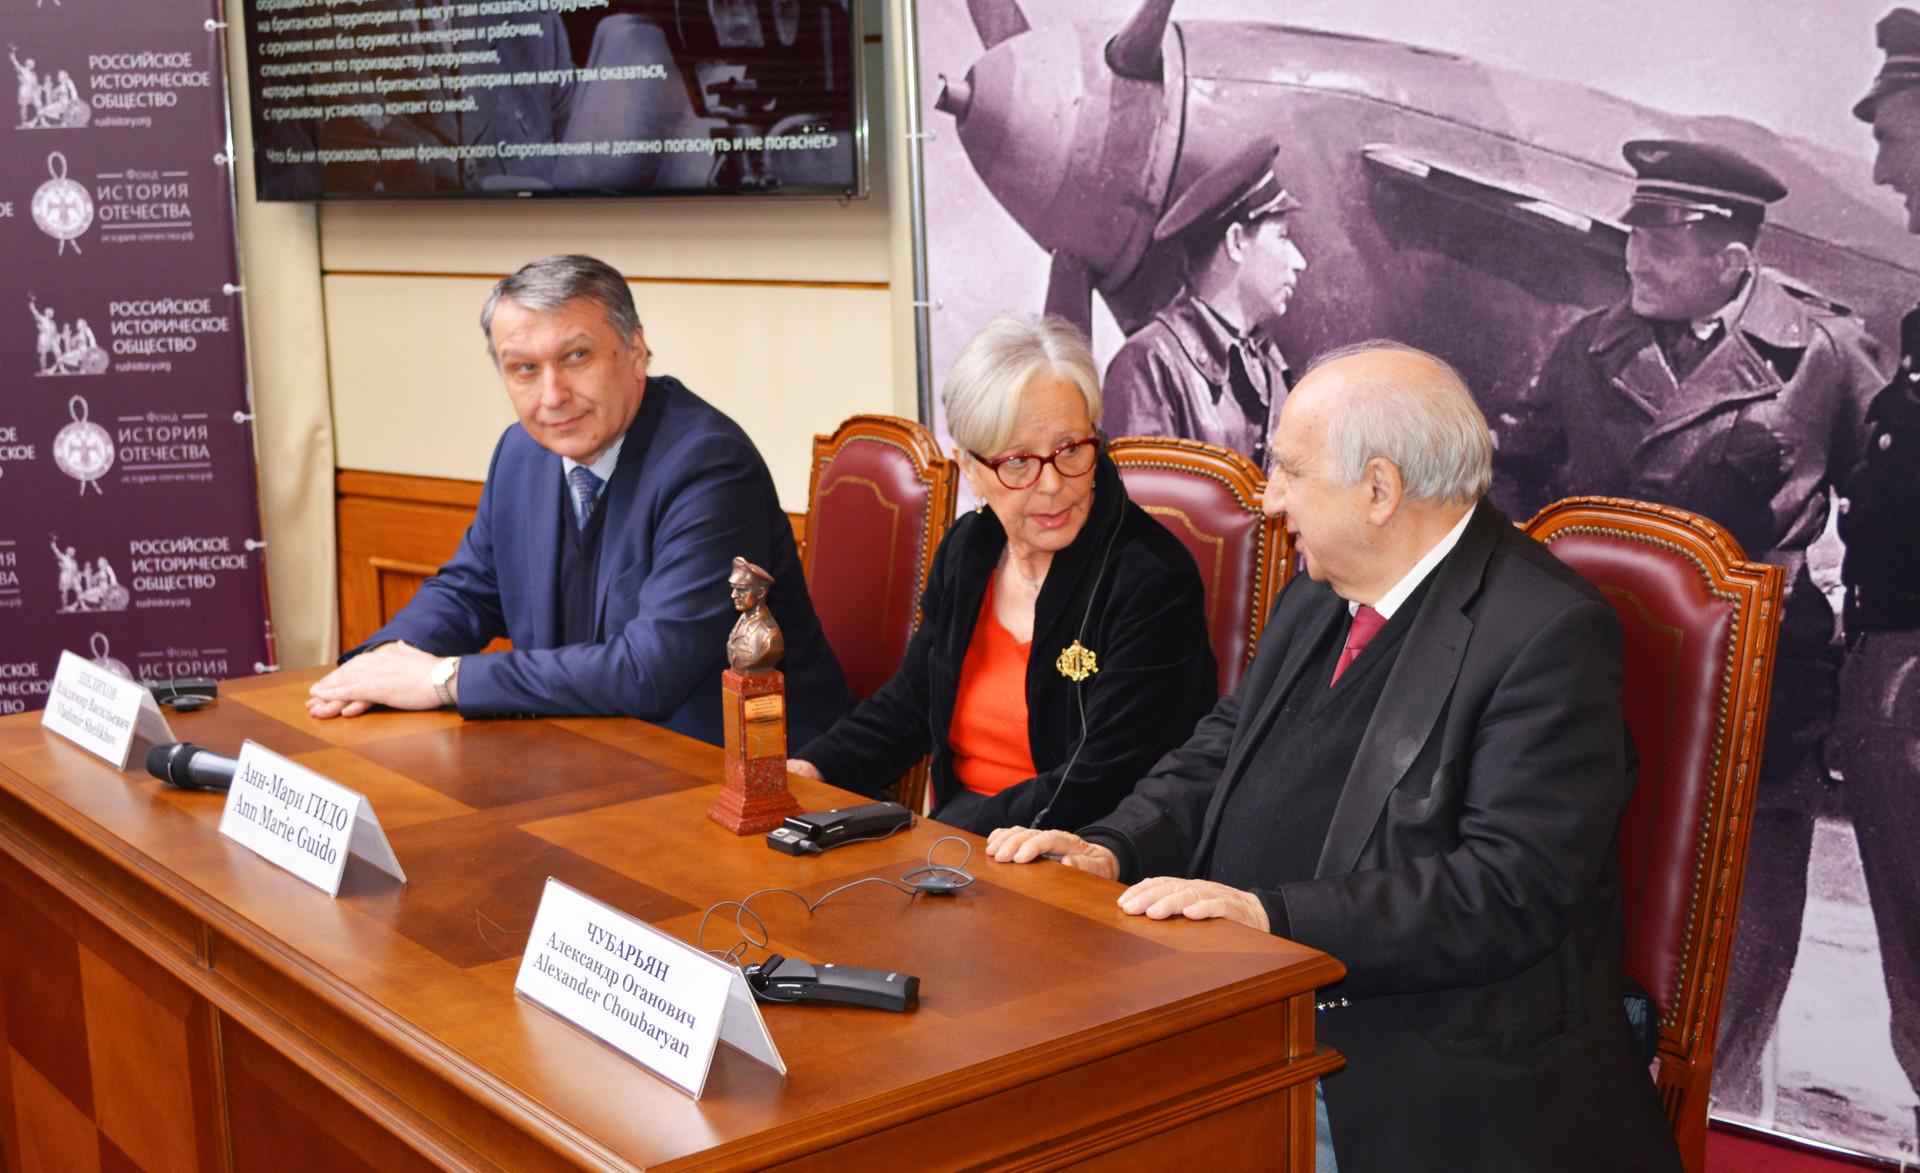 Anne-Marie Guido lors de la table ronde à la Maison de la Société historique russe